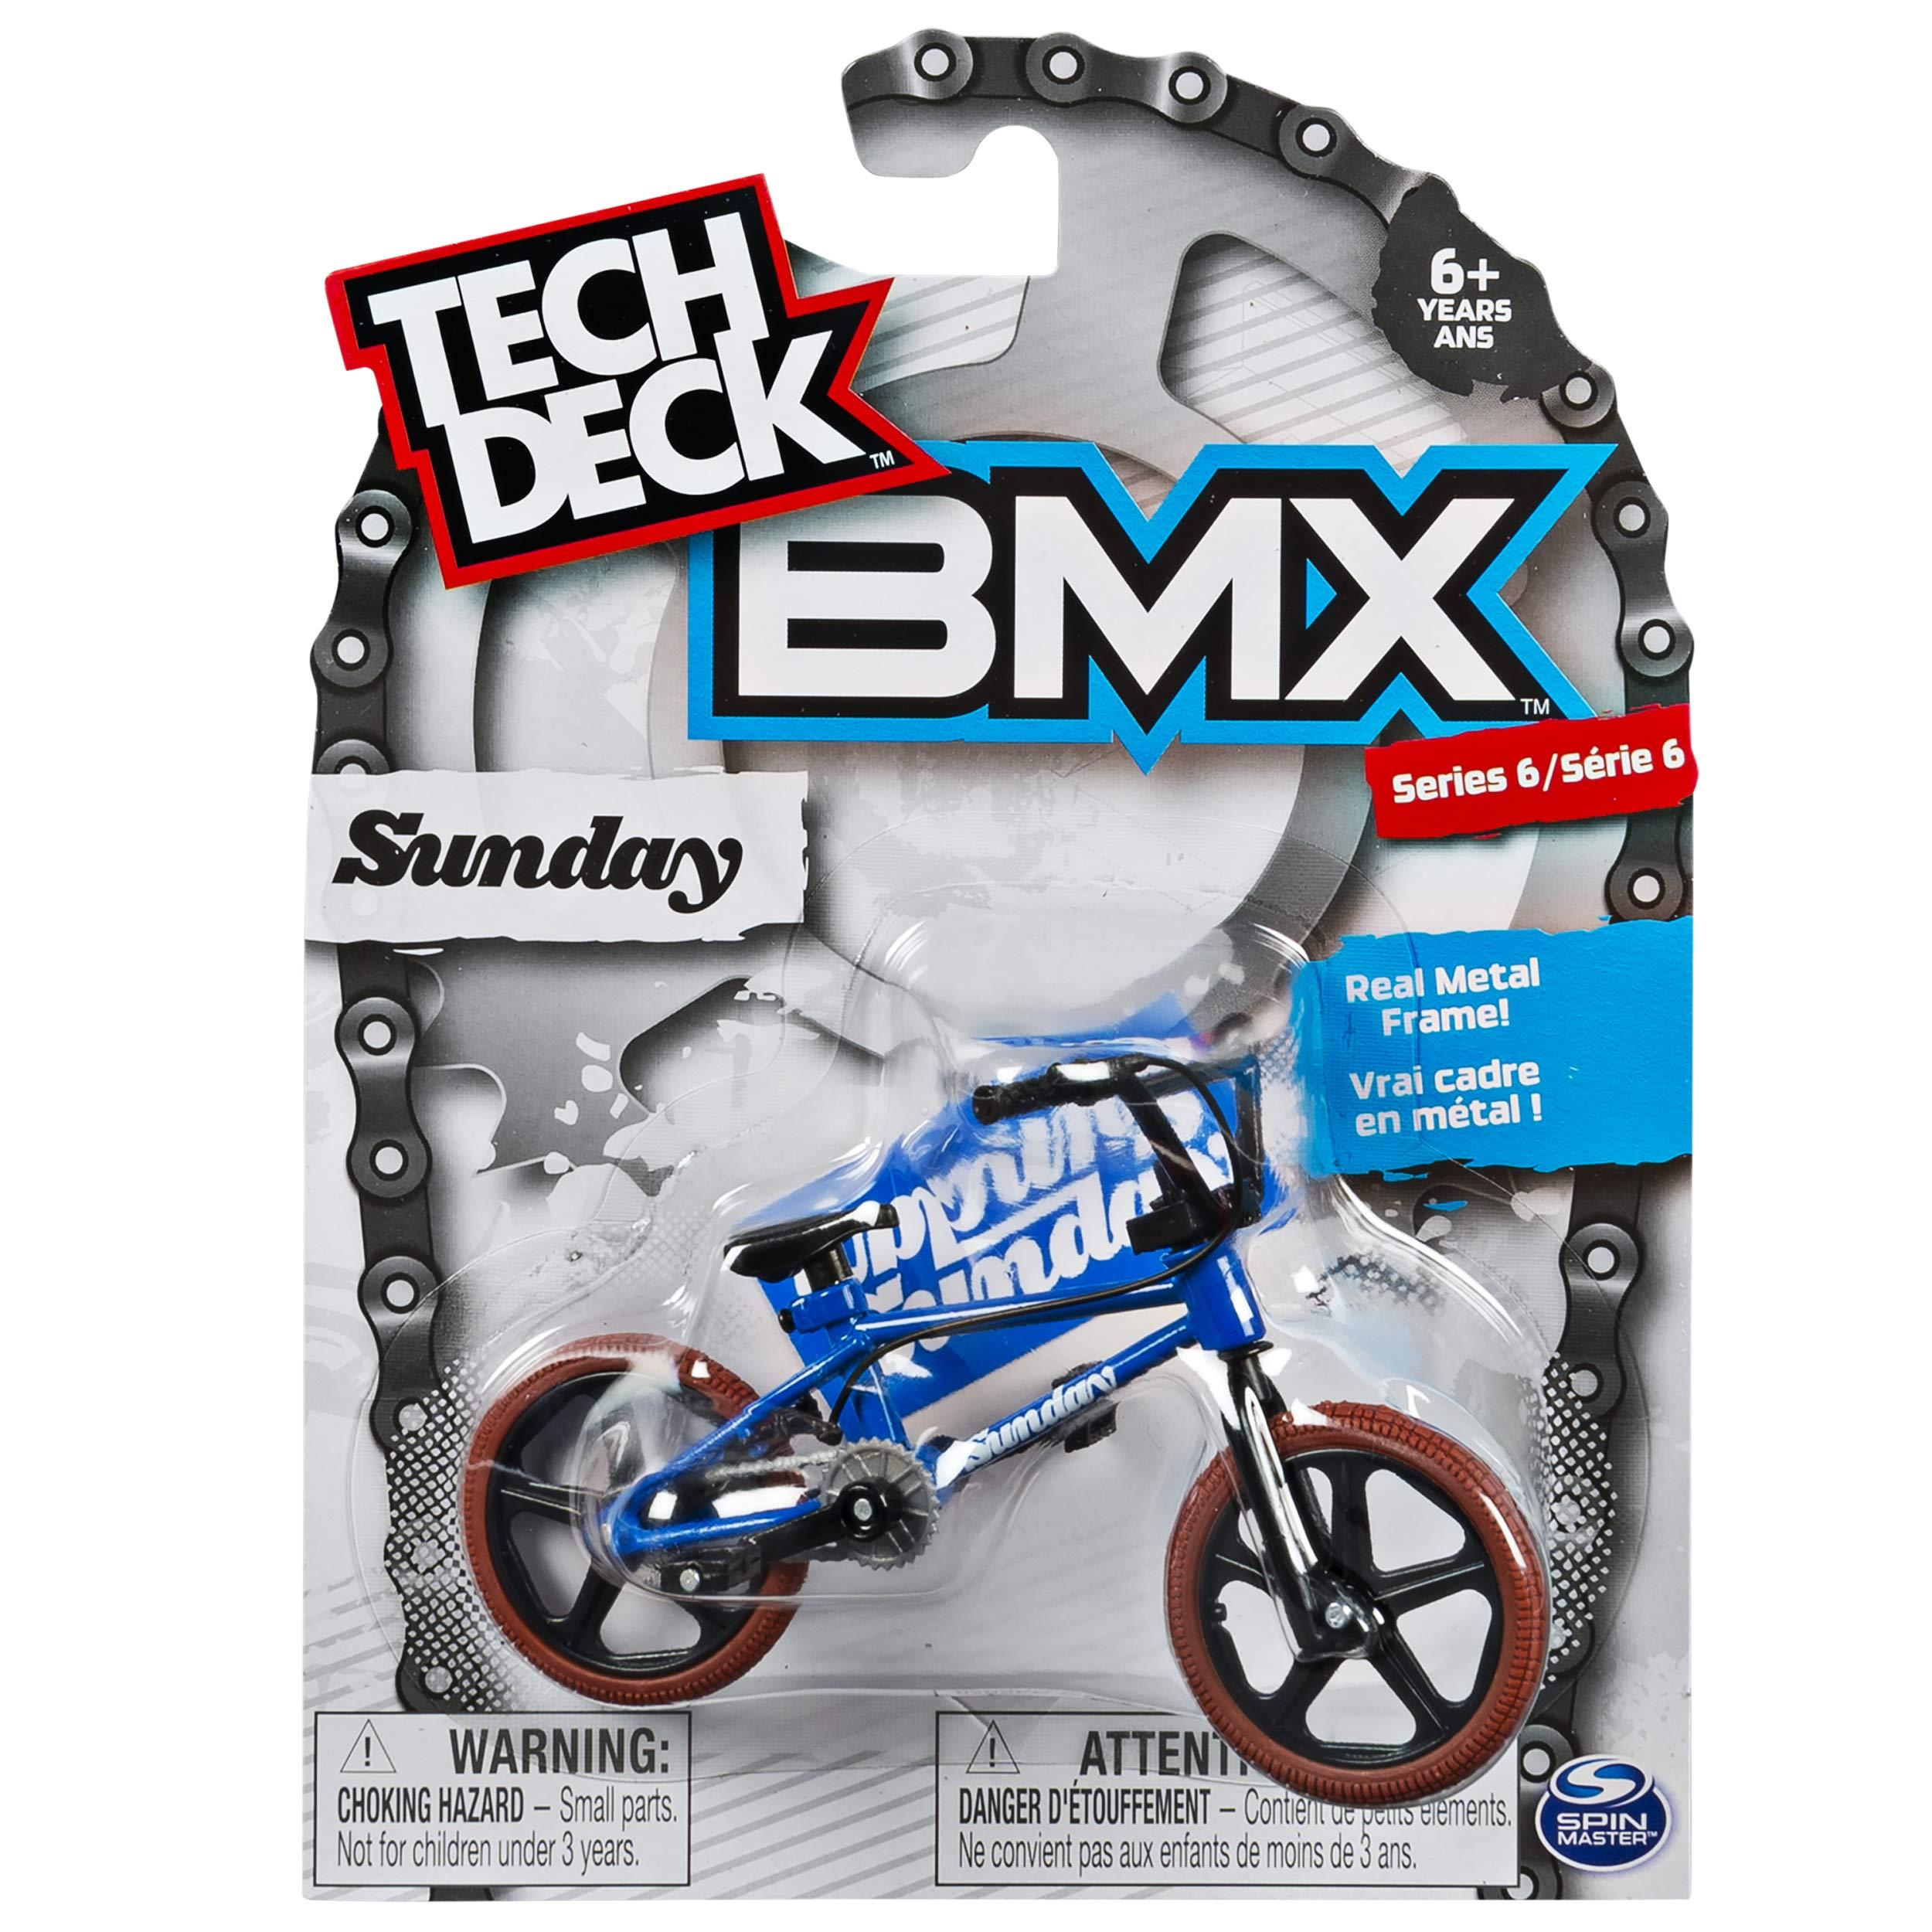 Tech Deck - BMX Finger Bike – Sunday – Blue/Red – Series 6